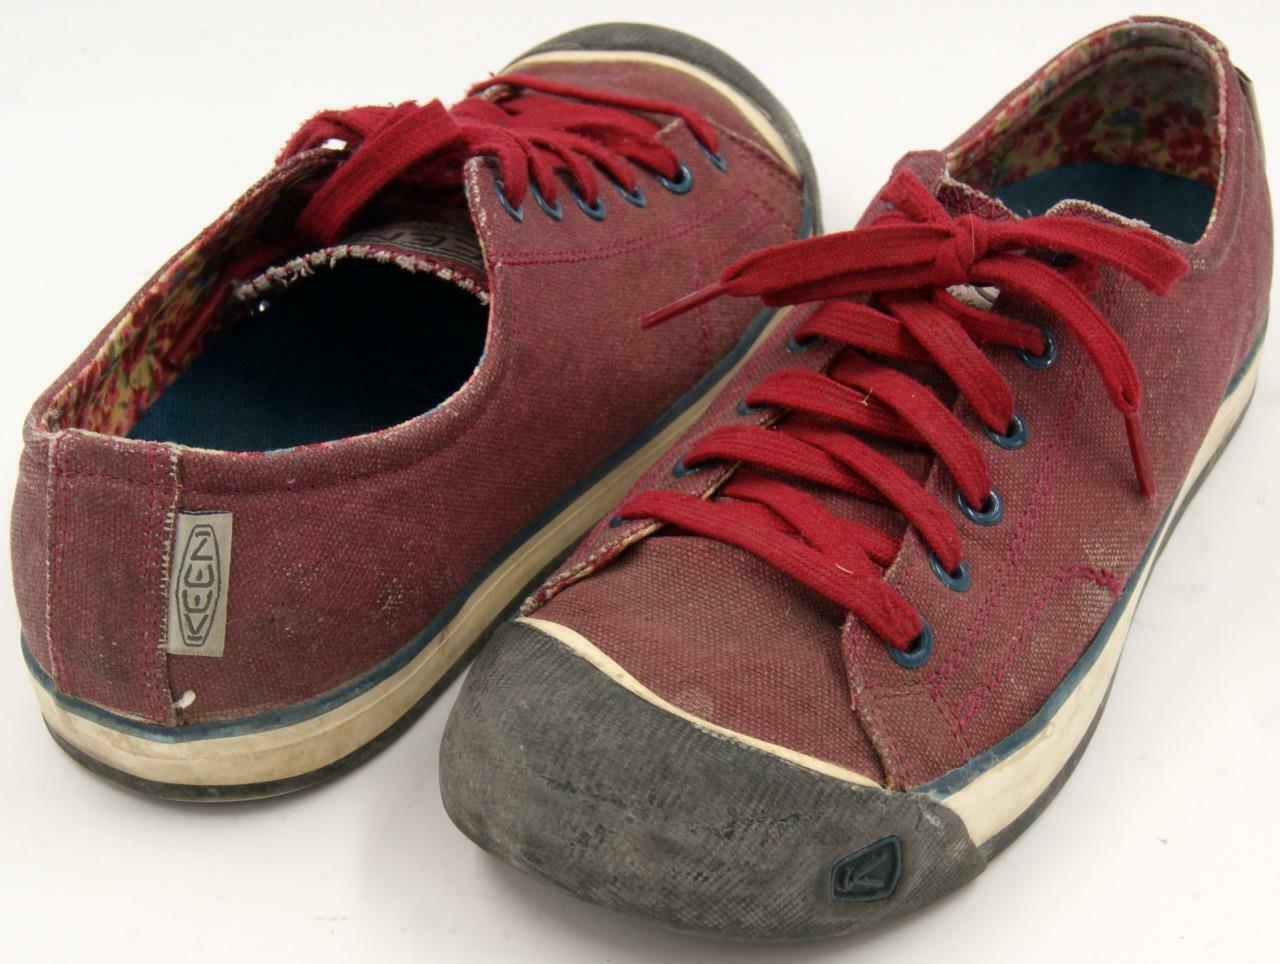 Keen Coronado Red Dahlia Women's Lace Up Shoes Sz 9.5 M image 2